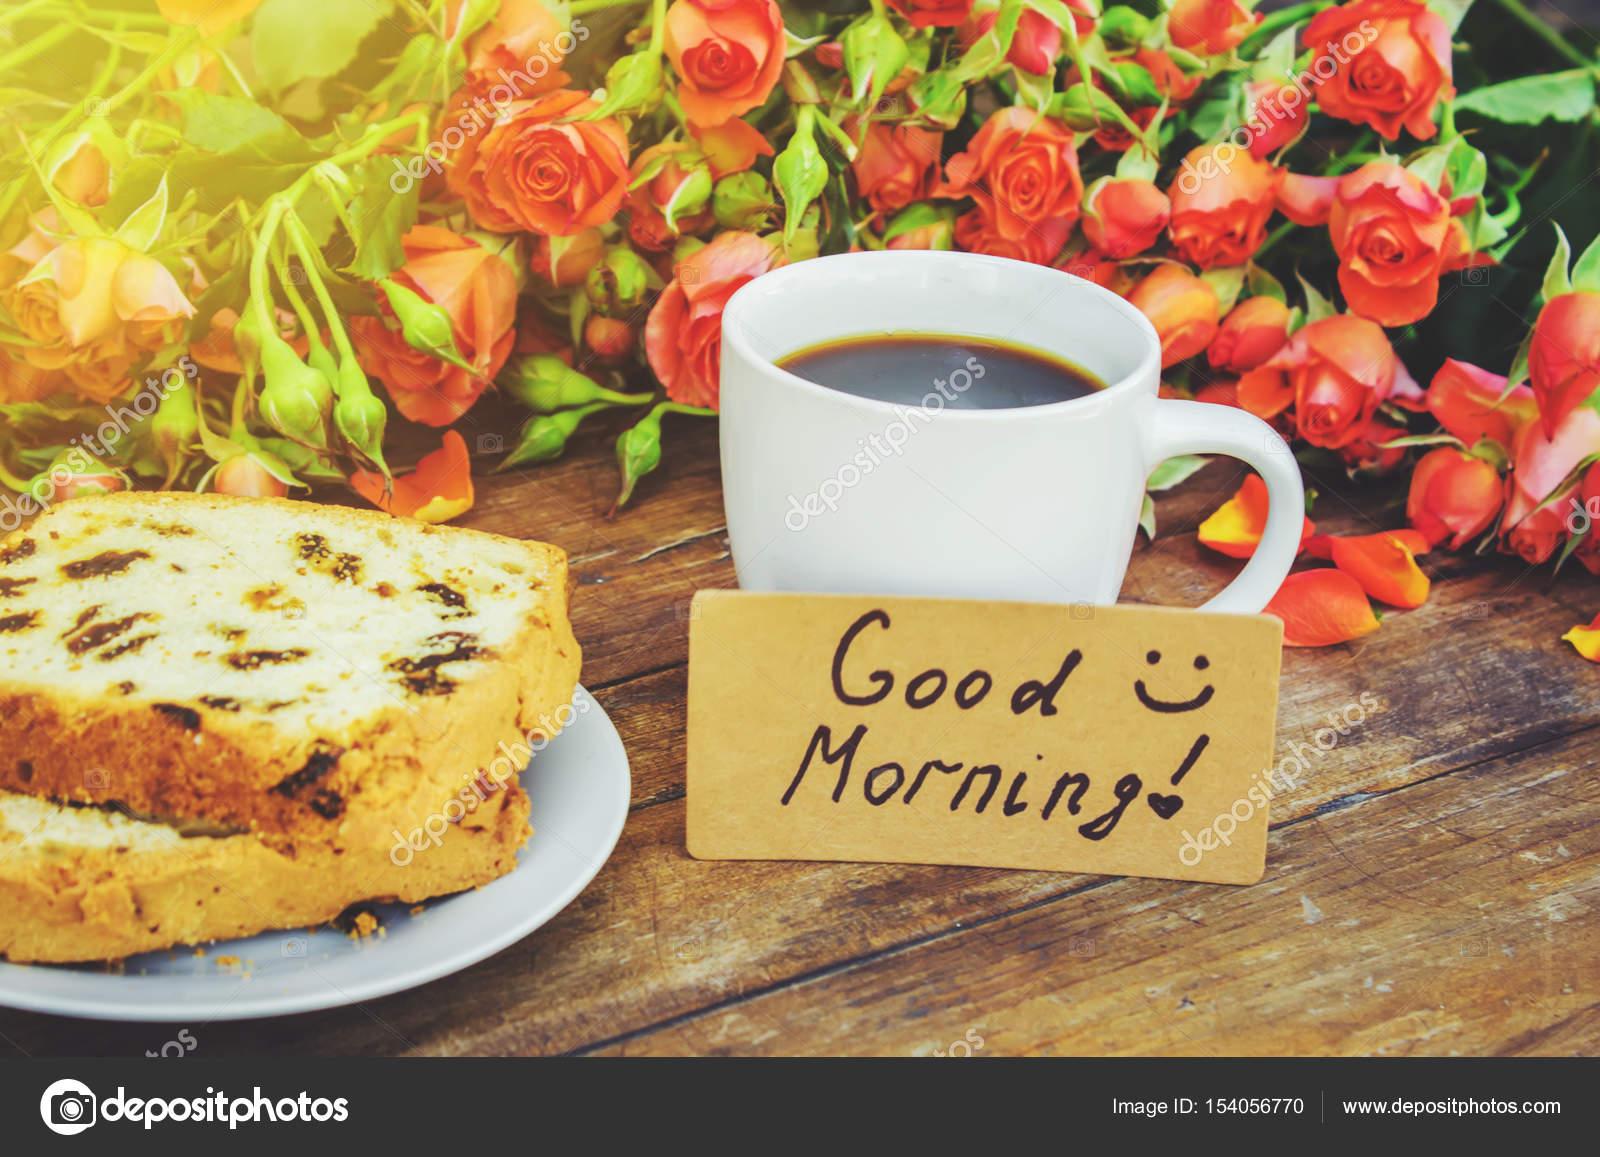 Fabuloso Uma xícara de café no café da manhã. Bom dia. Flores. Foco  SU68